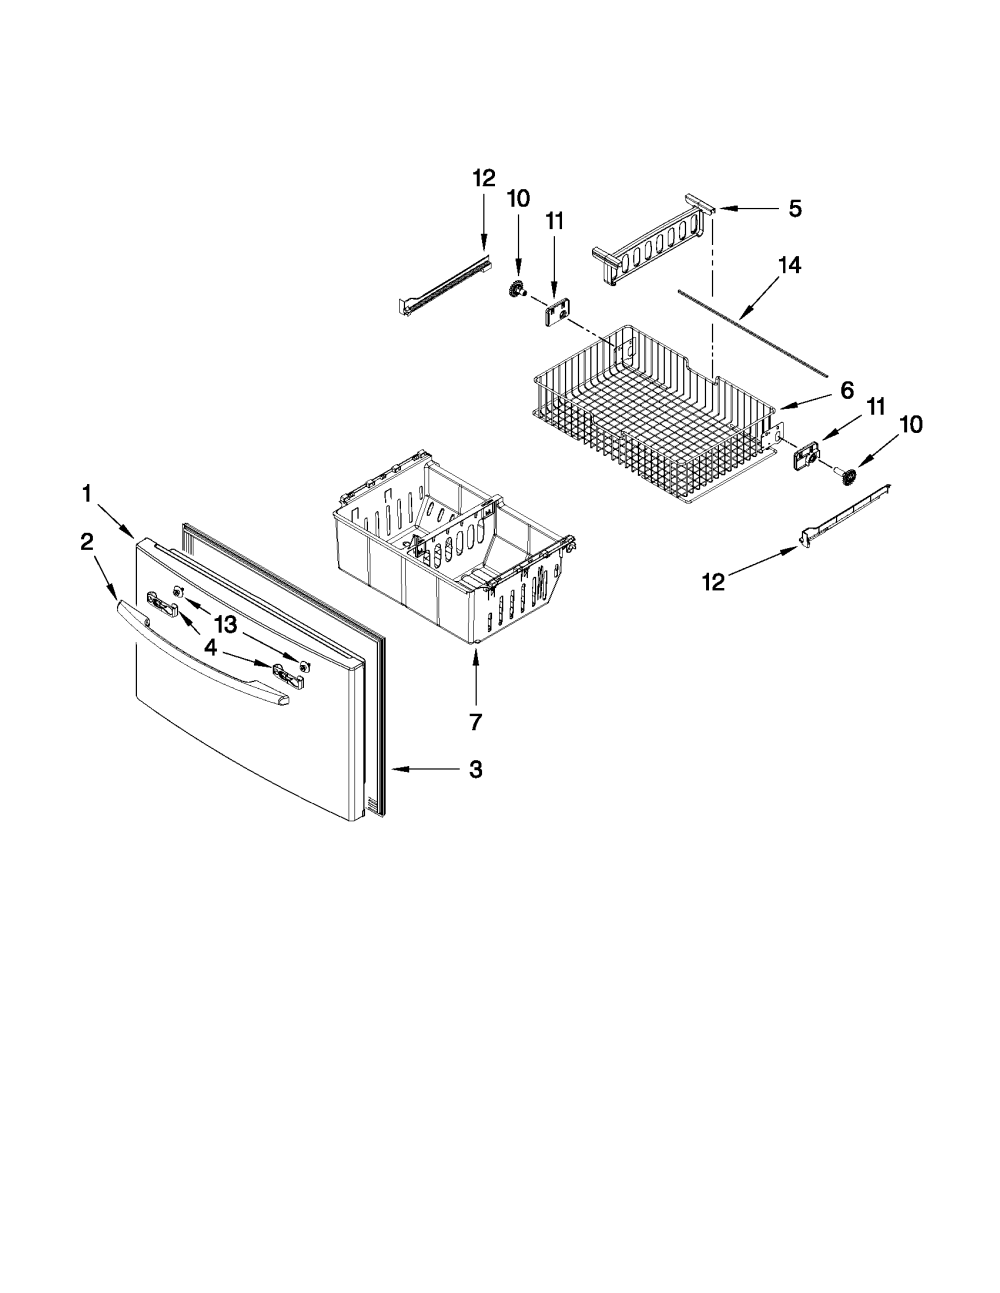 medium resolution of maytag model mfi2665xew6 bottom mount refrigerator genuine partsmaytag mfi2665xew6 wiring schematic 3